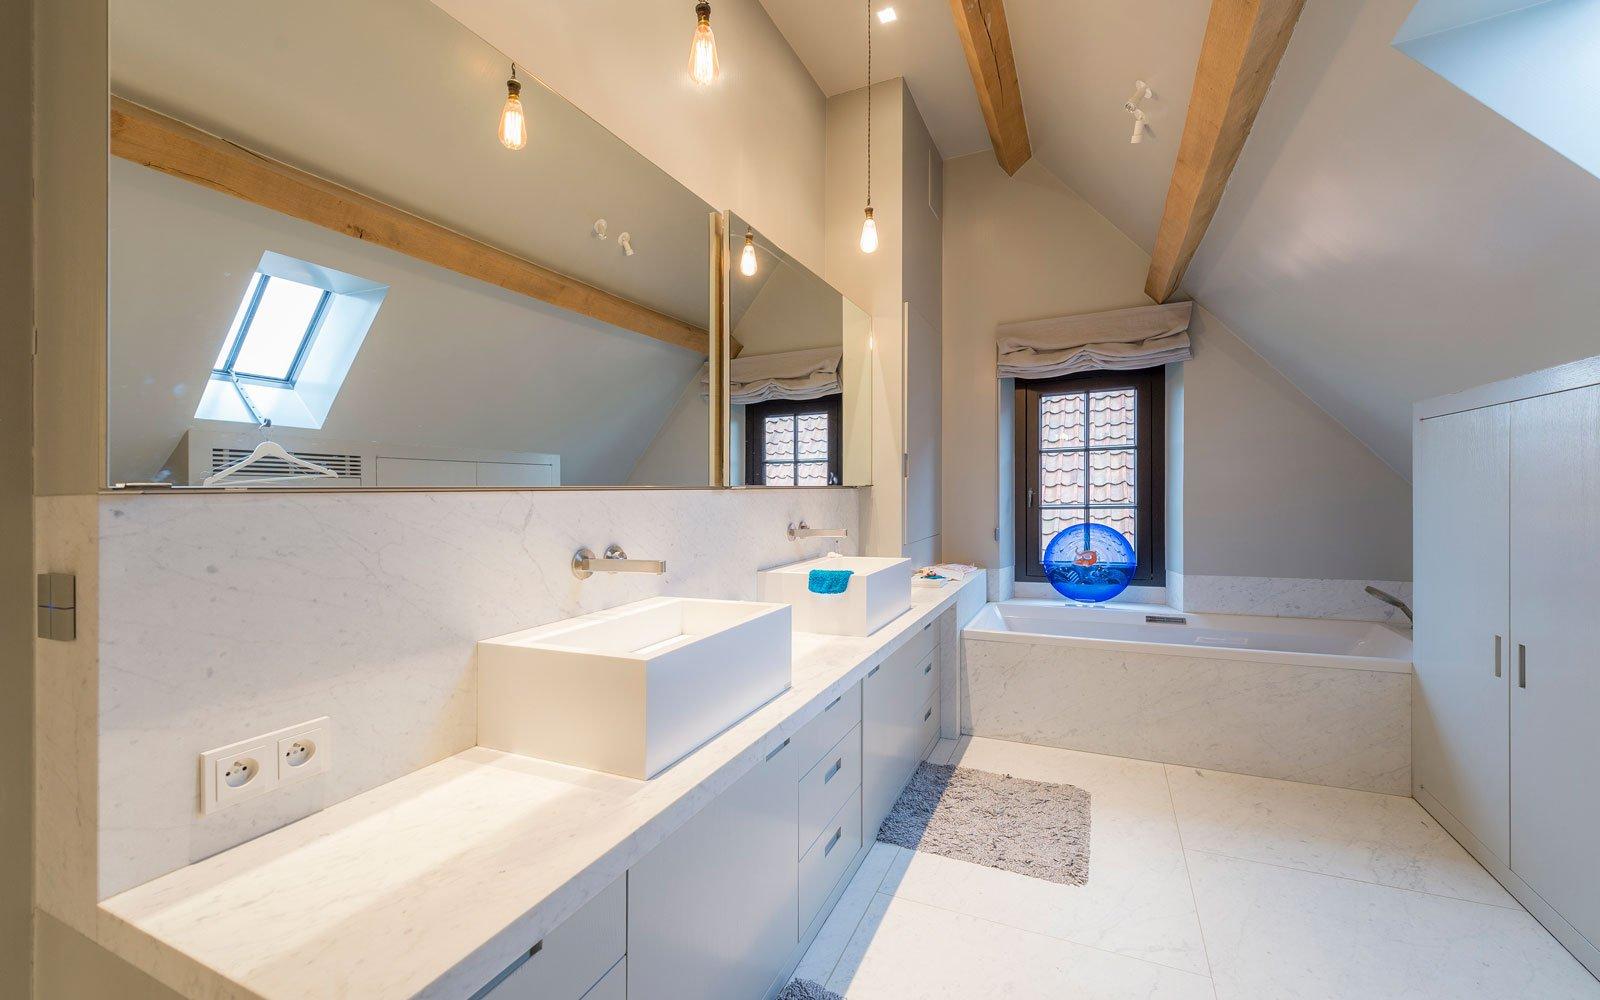 Badkamer, strak en wit,CARRARA SABLINO, houten balken, Vergeten Verlichting, herenhoeve, Bernard de Clerck